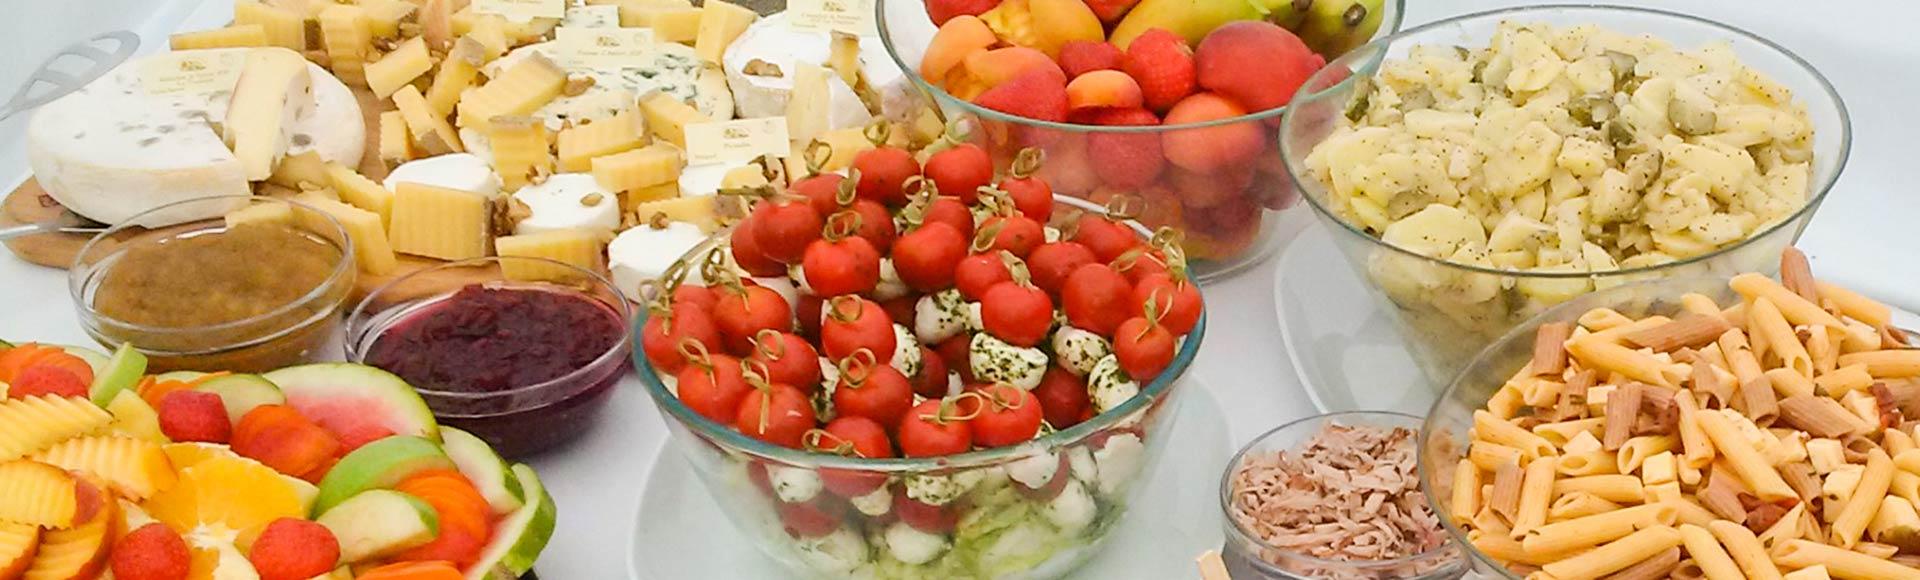 Gastro Bistro Praha 5 Catering